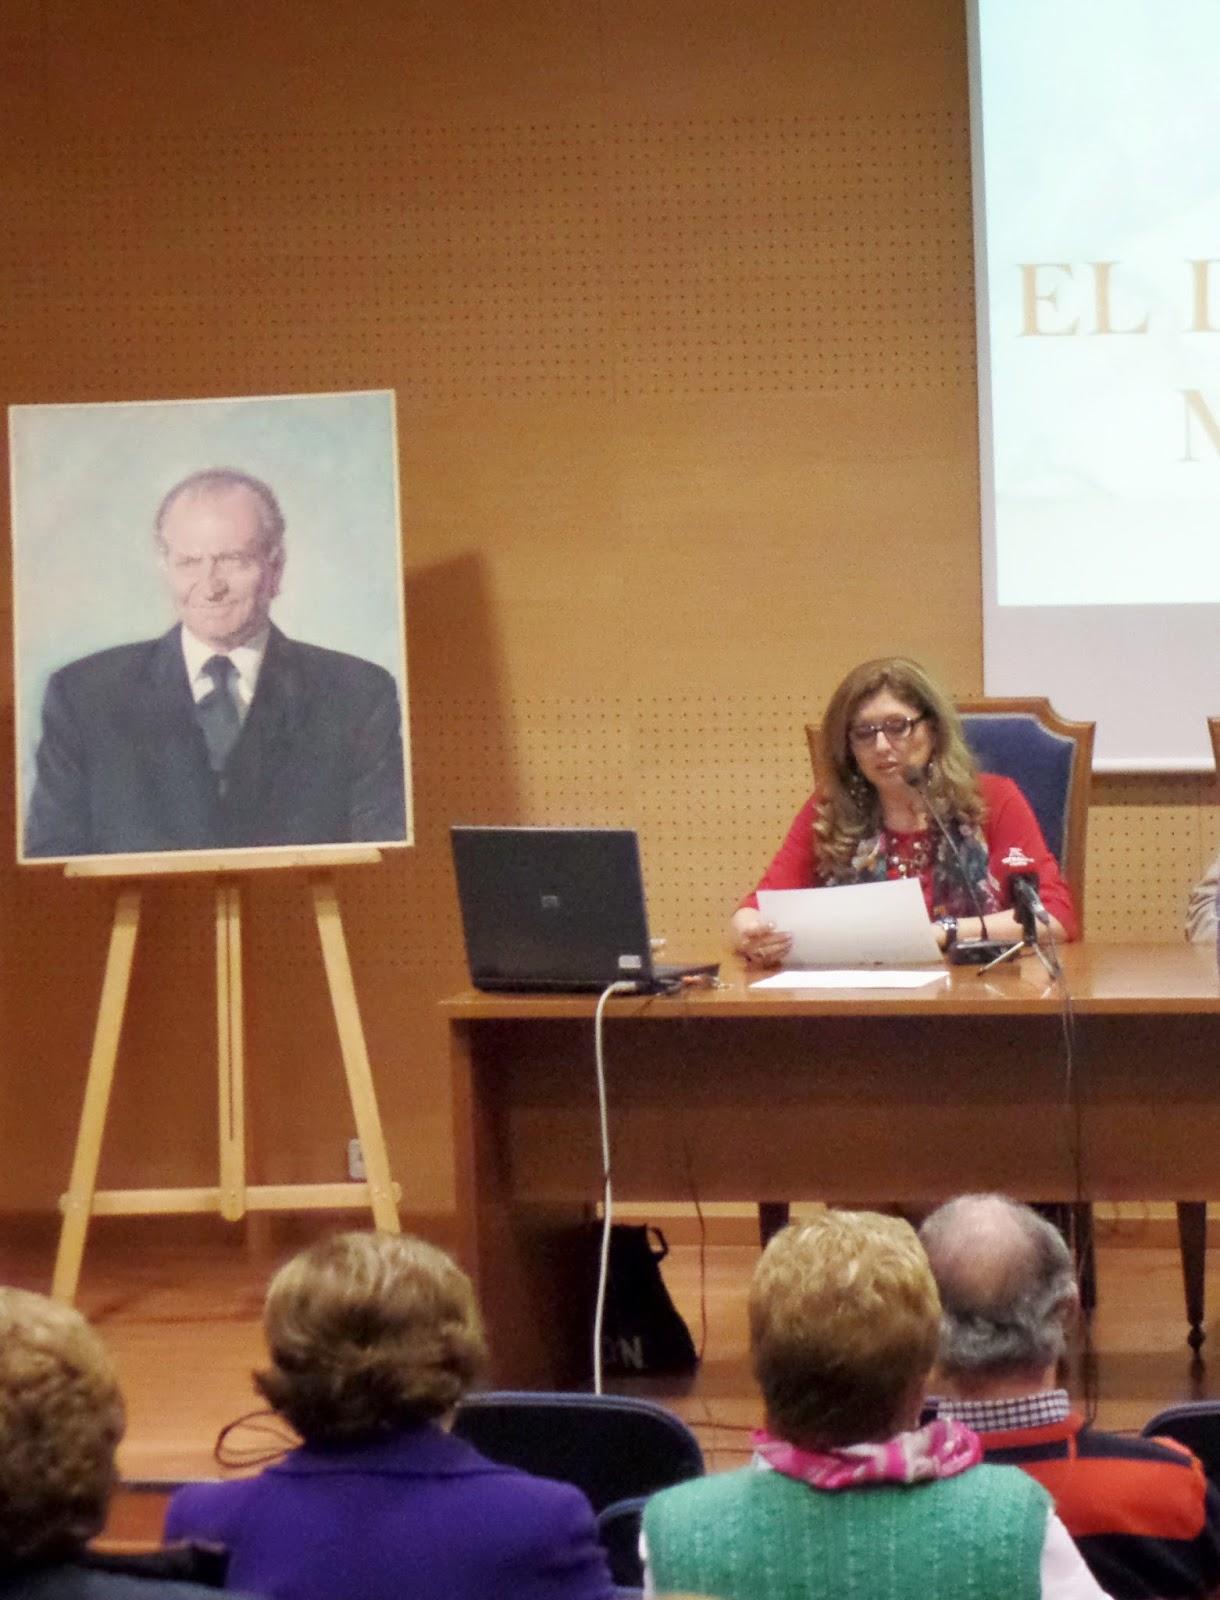 """El Blog de María Serralba - Presentación """"EL DIOS DEL FARO"""" Yecla (Murcia)"""